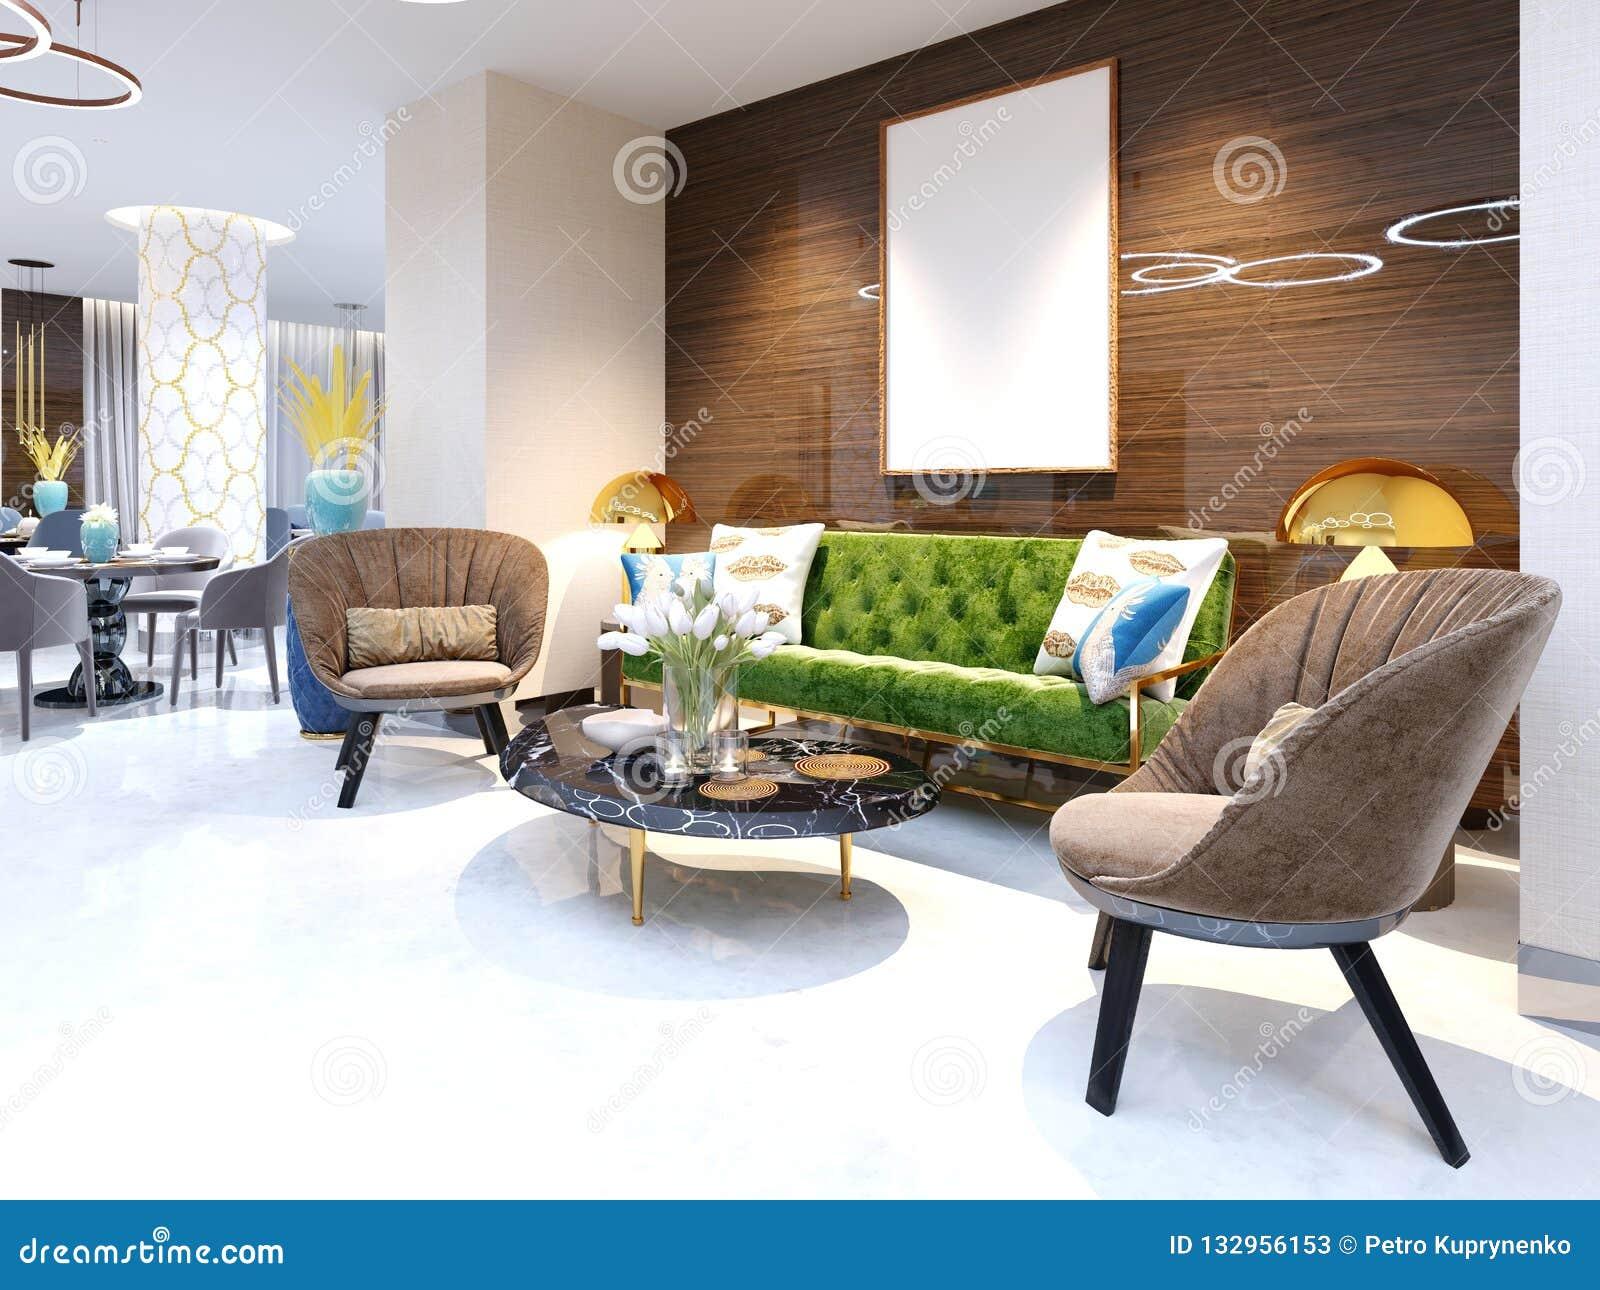 Retapisser Un Fauteuil Prix zone d'accueil et secteur de salon avec de beaux meubles